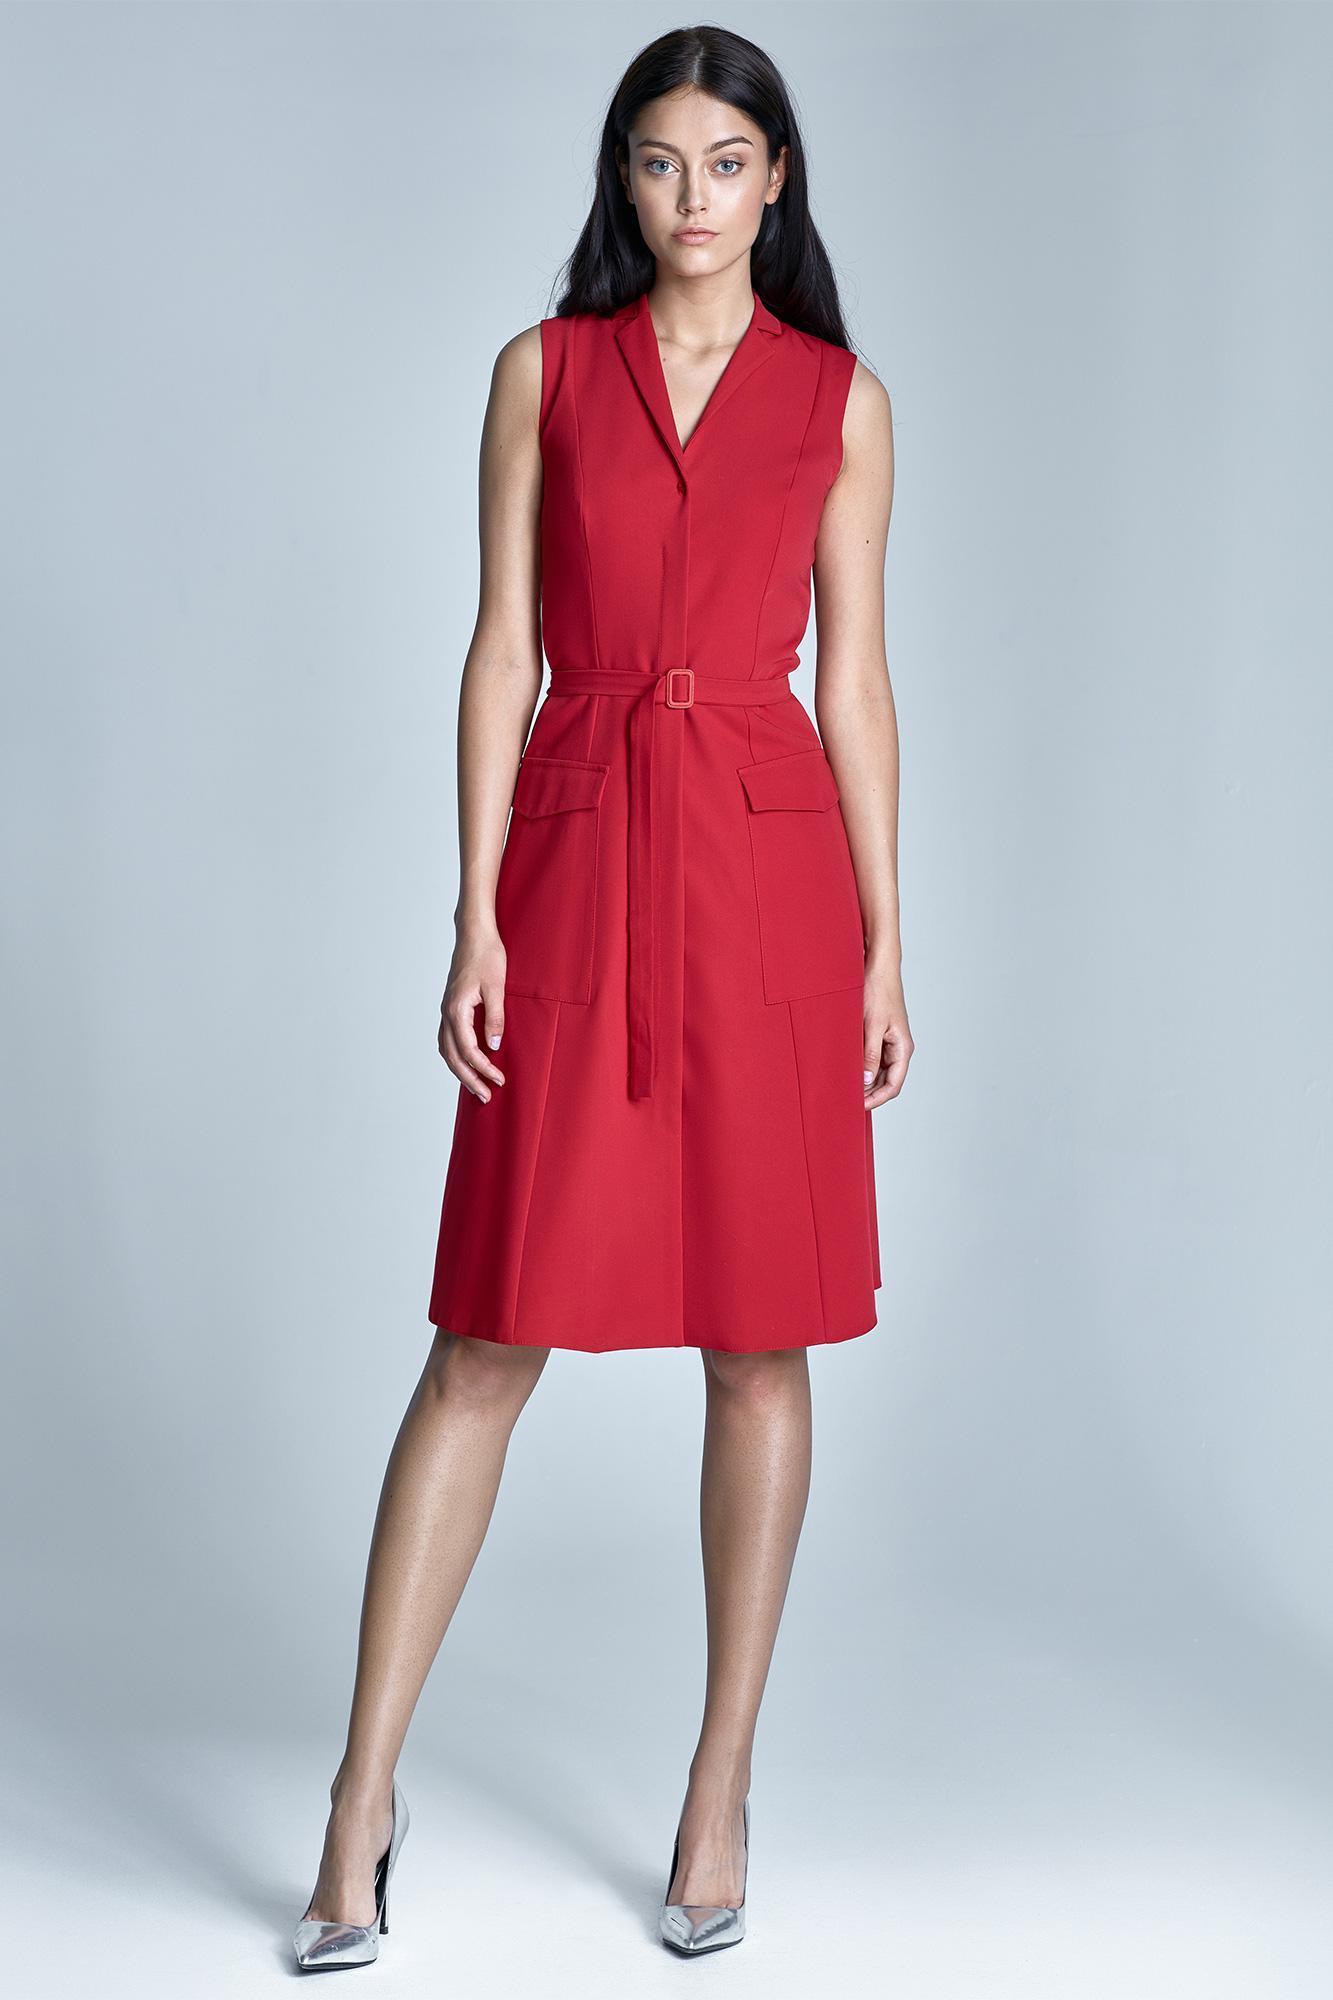 Quelles chaussures avec une robe rouge